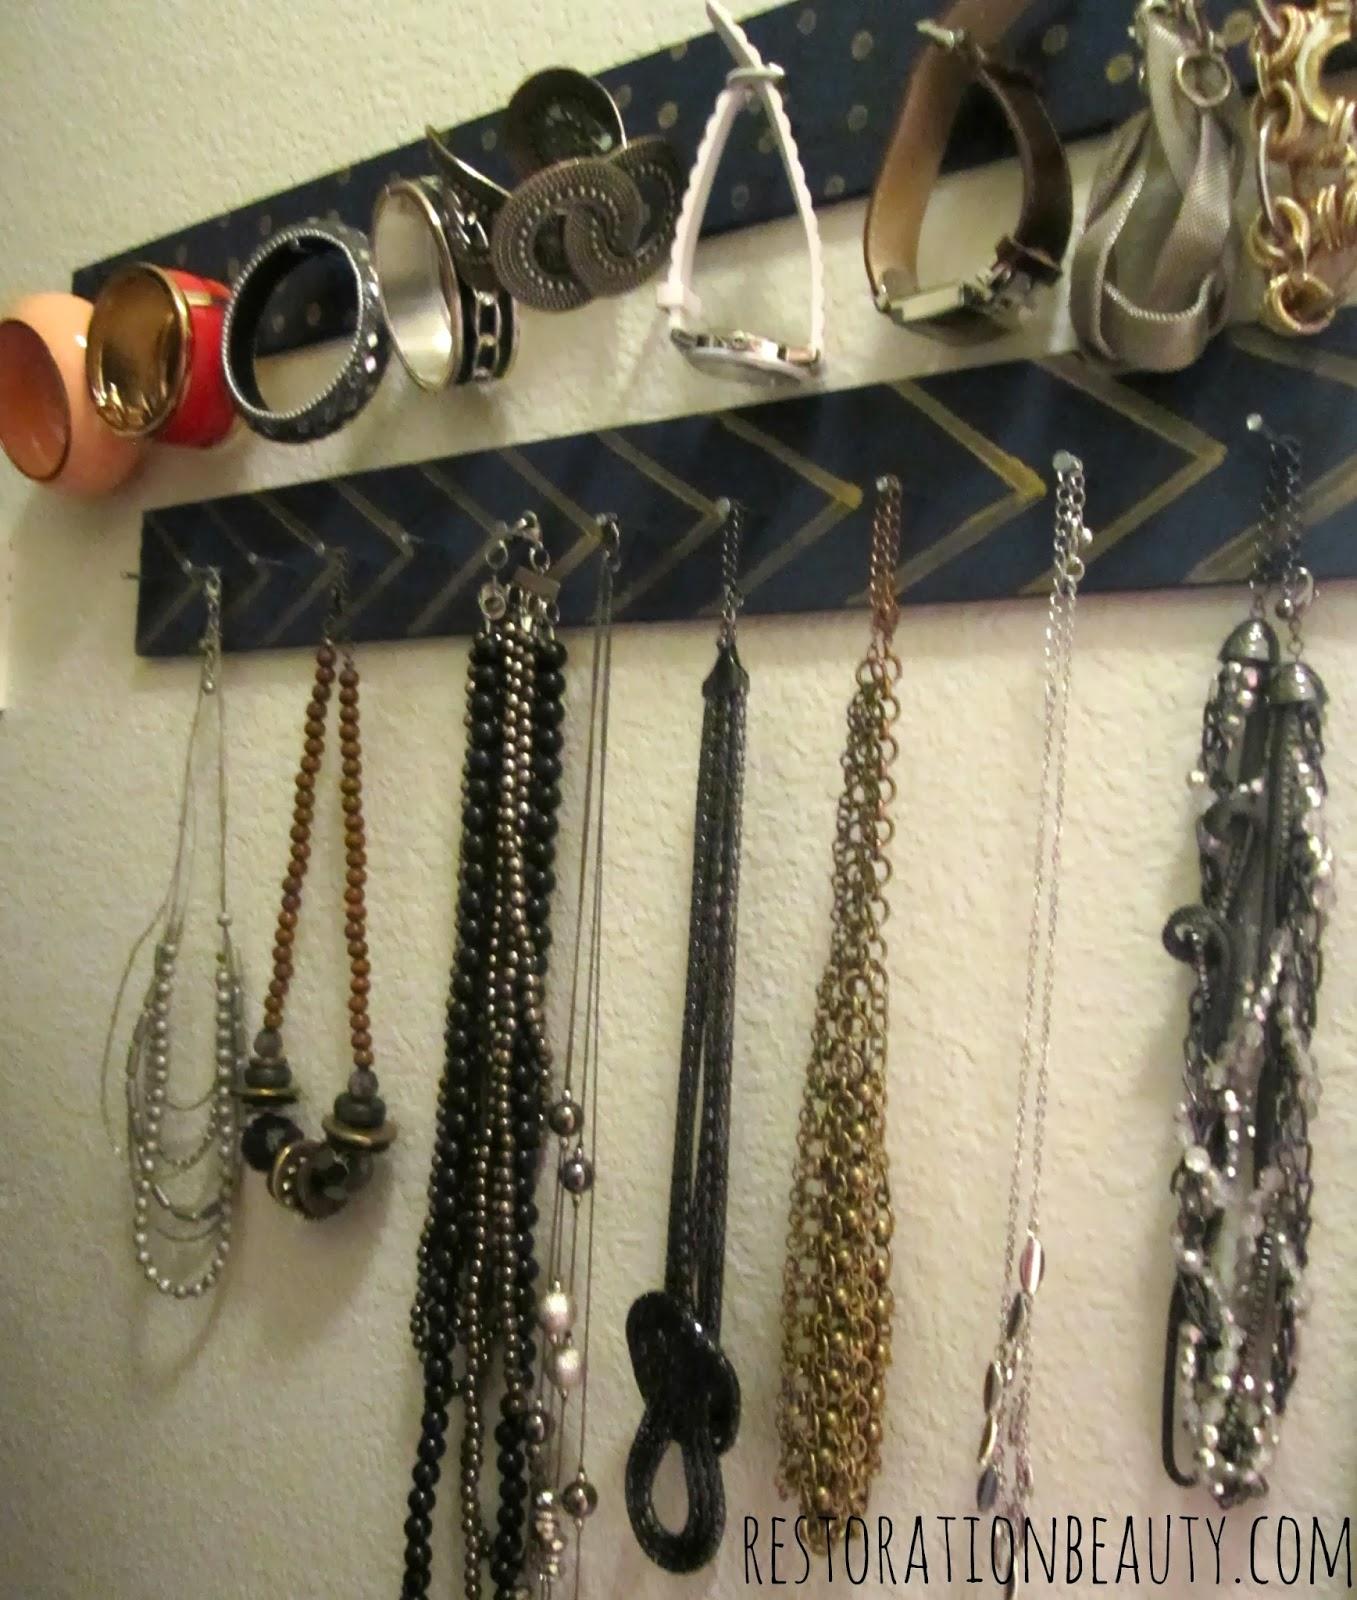 Restoration Beauty DIY Necklace Bracelet Organizer